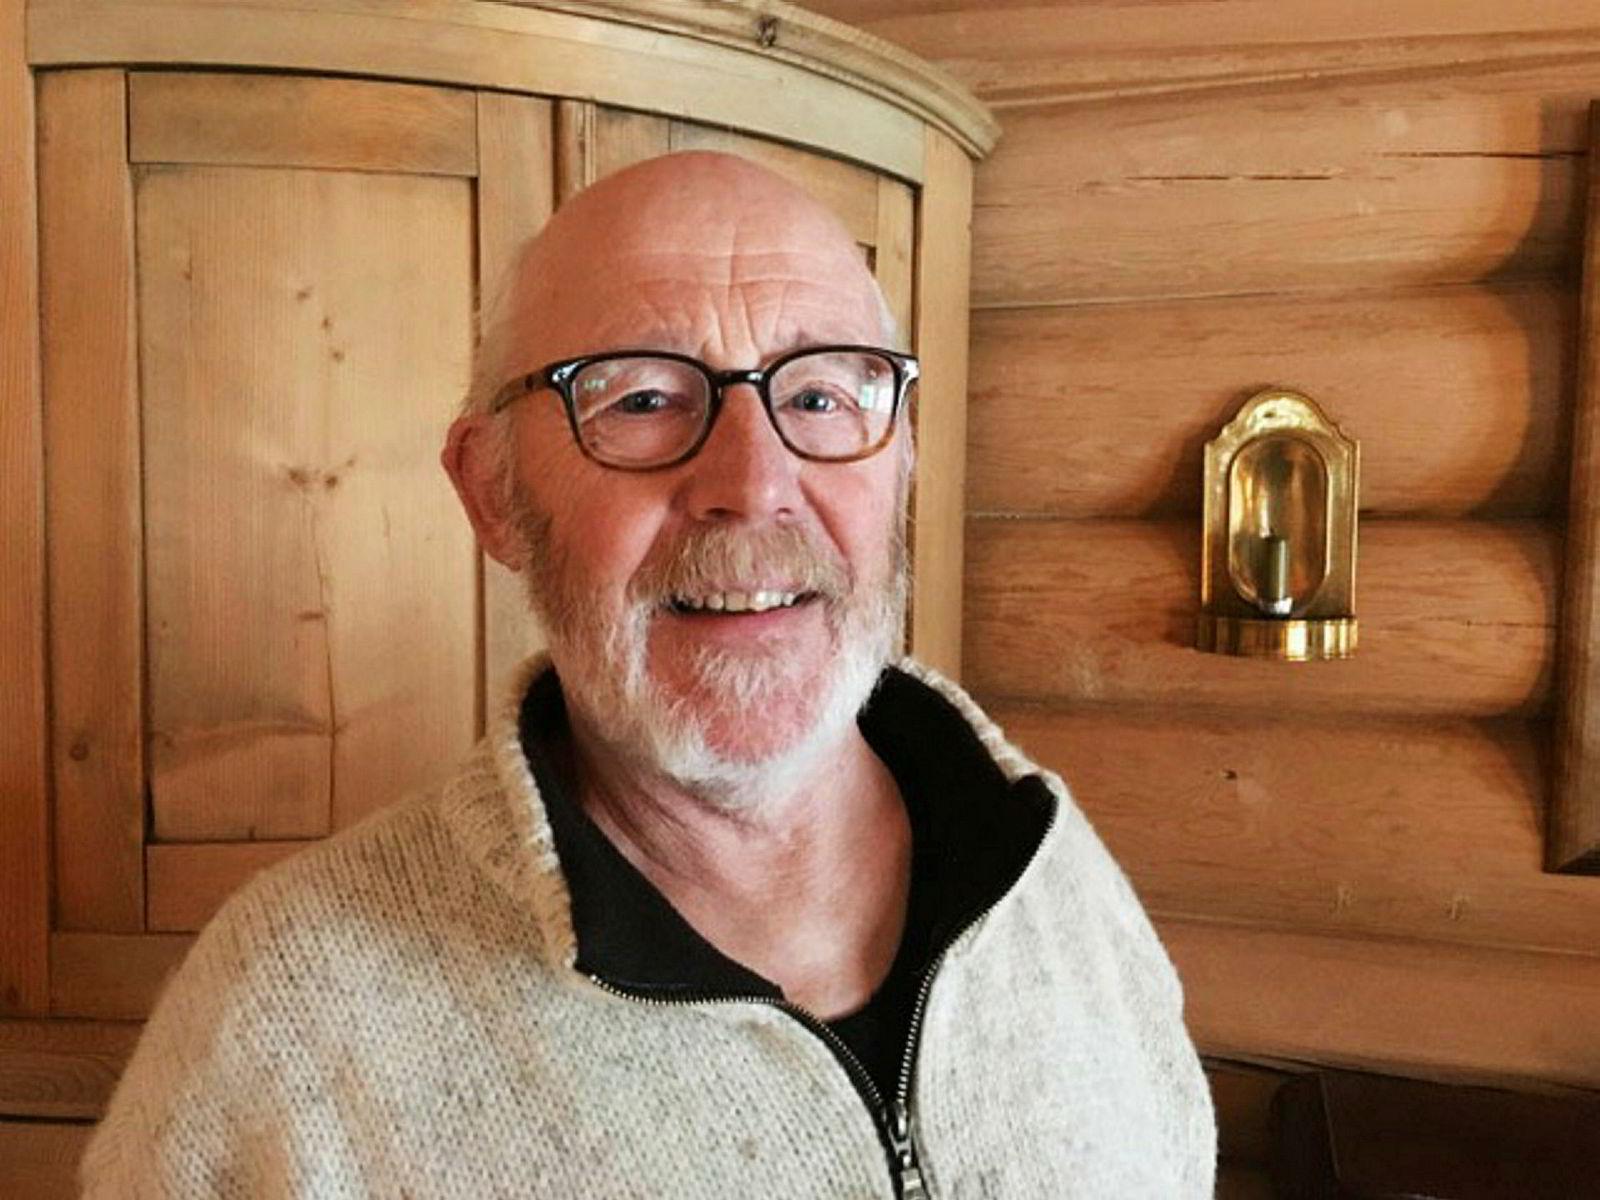 – NSB er et fint navn, sier Trond Nordby som ønsker å overta merkevaren på vegne av Foreningen Atna godshus.